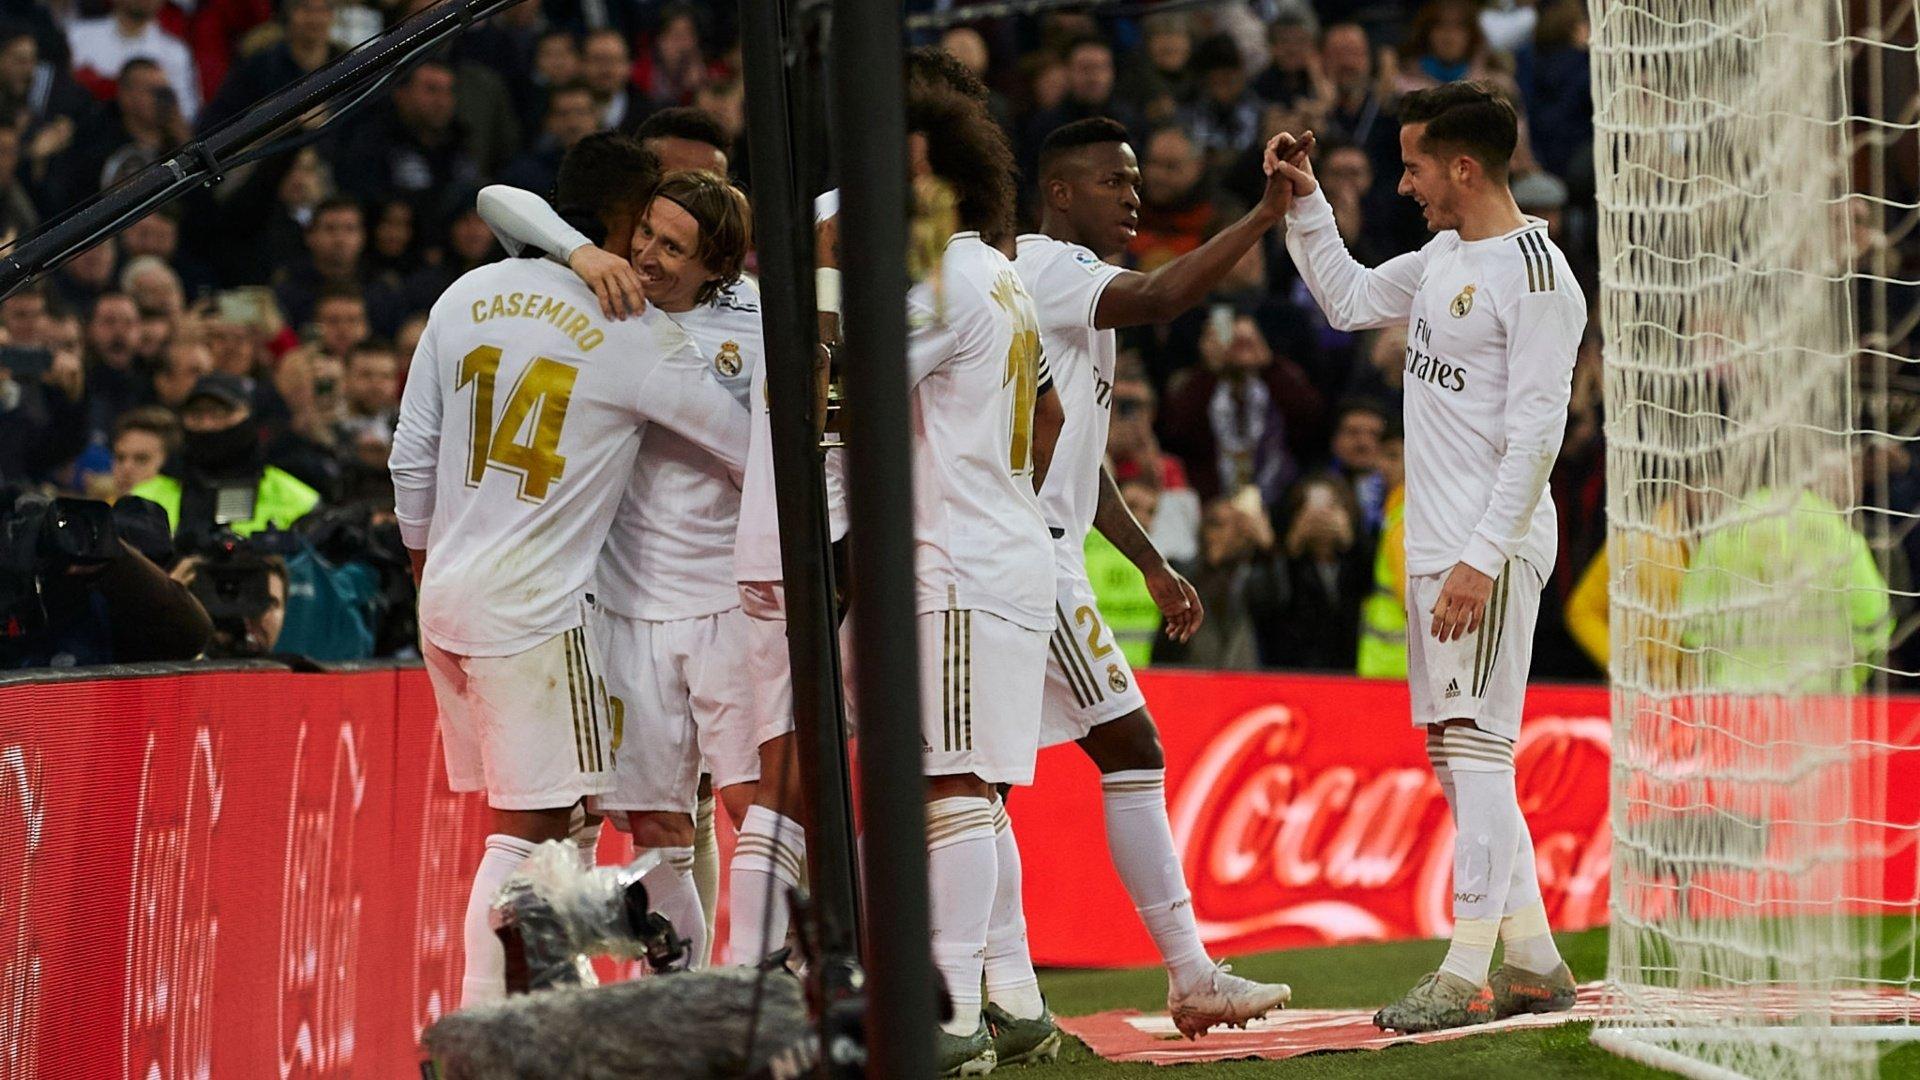 Report: Real Madrid 2-1 Sevilla